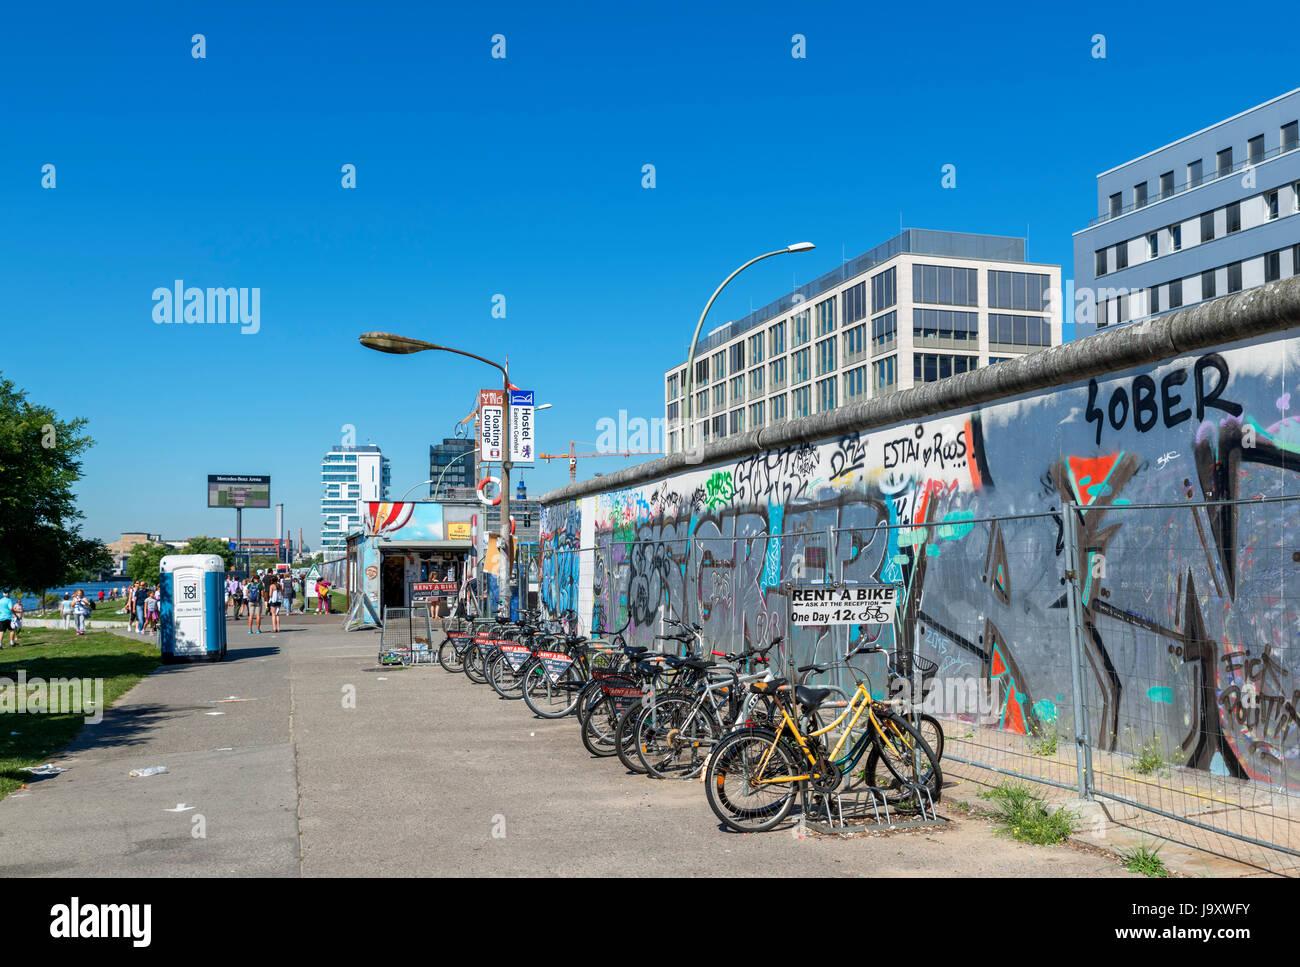 Location de vélo par une section du mur de Berlin à l'East Side Gallery, Friedrichshain-Kreuzberg, Photo Stock